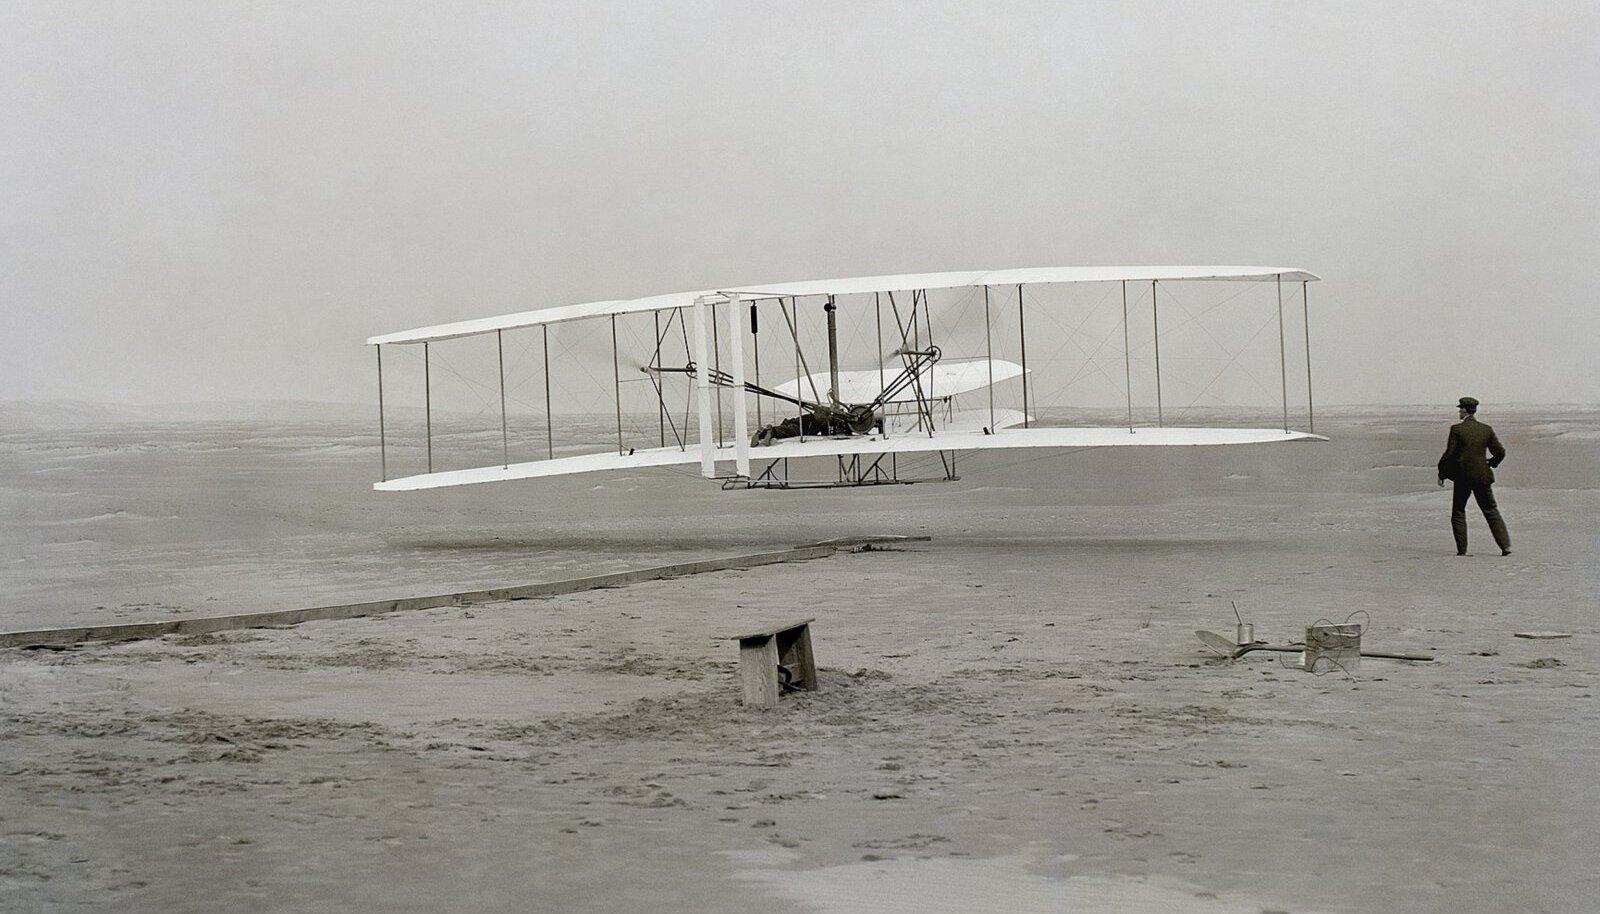 AJALUGU: Vennad Wrightid 17. detsembril 1903 maailma esimest juhitavat mootorlendu sooritamas. Viimased 50 aastat pole inimkond teinud ühtegi sarnase mõjuga läbimurret